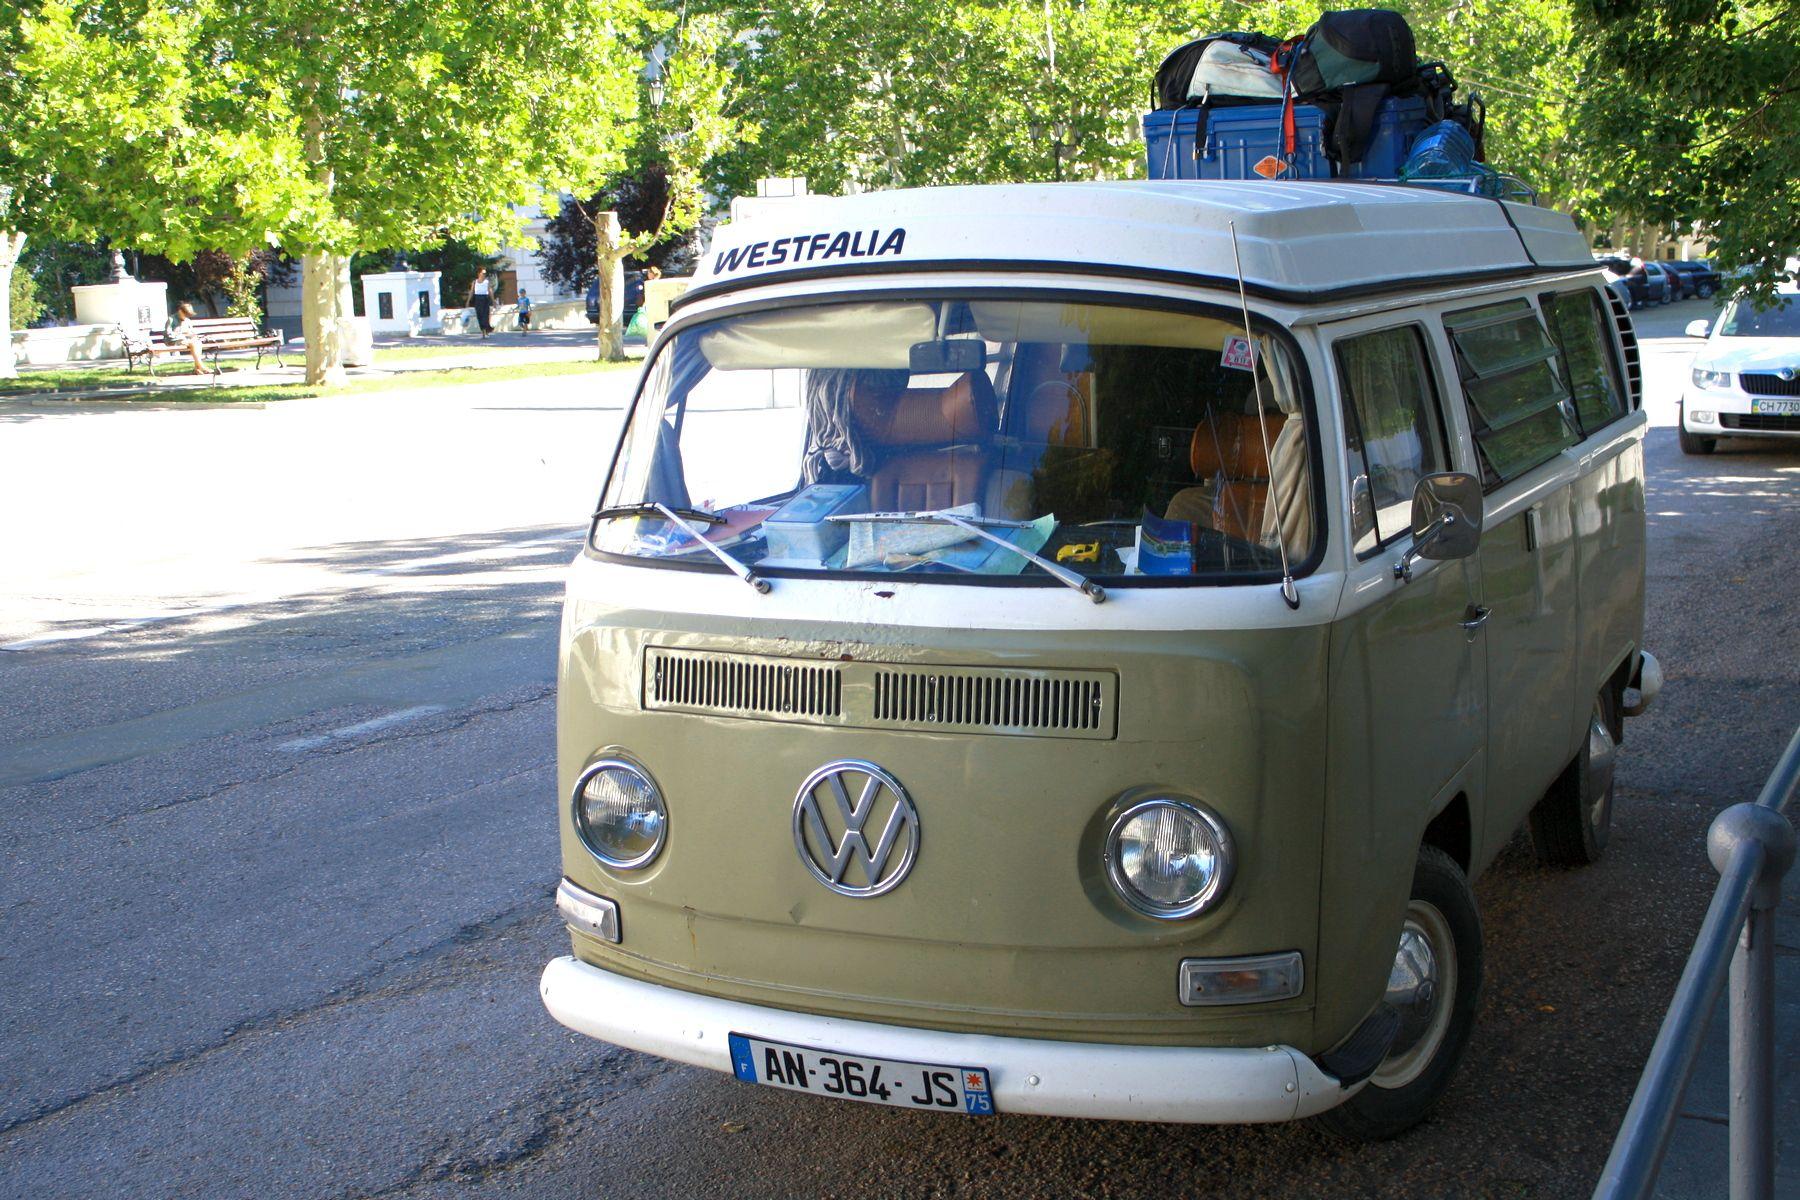 Volkswagen volkswagen минивен автомобиль